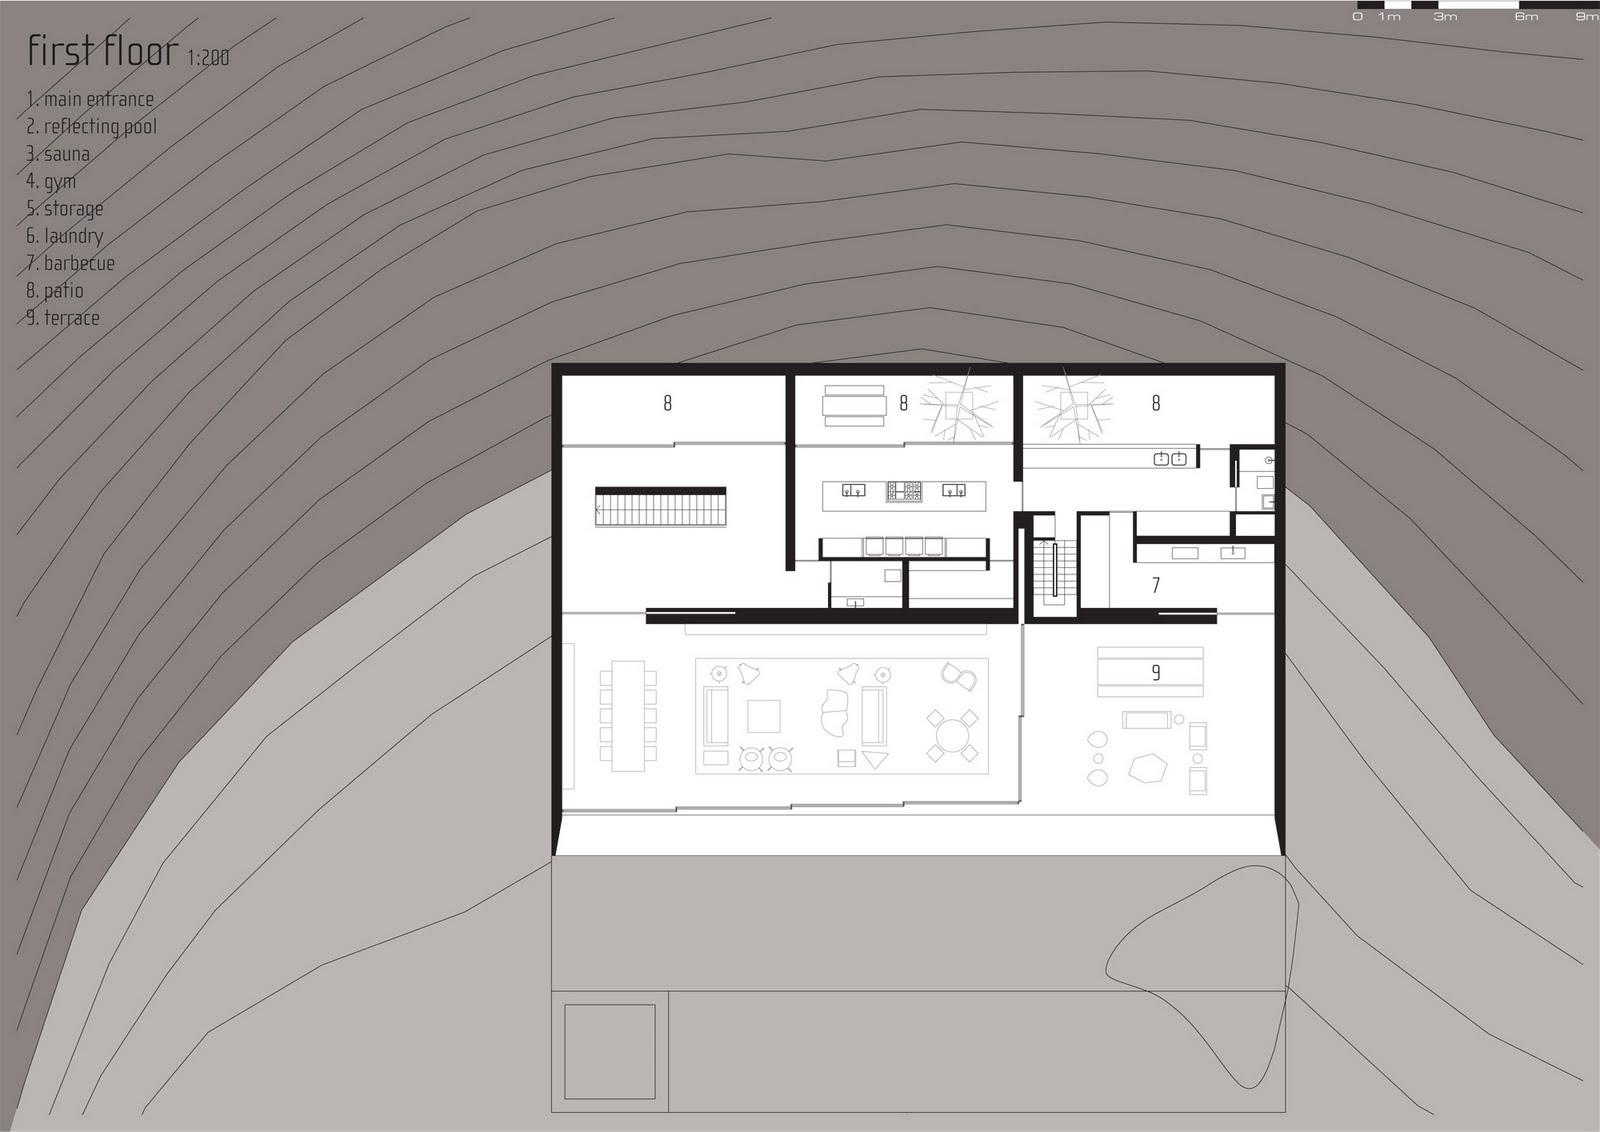 Arquitectura historia delicias brasileras la for Marcio kogan plans